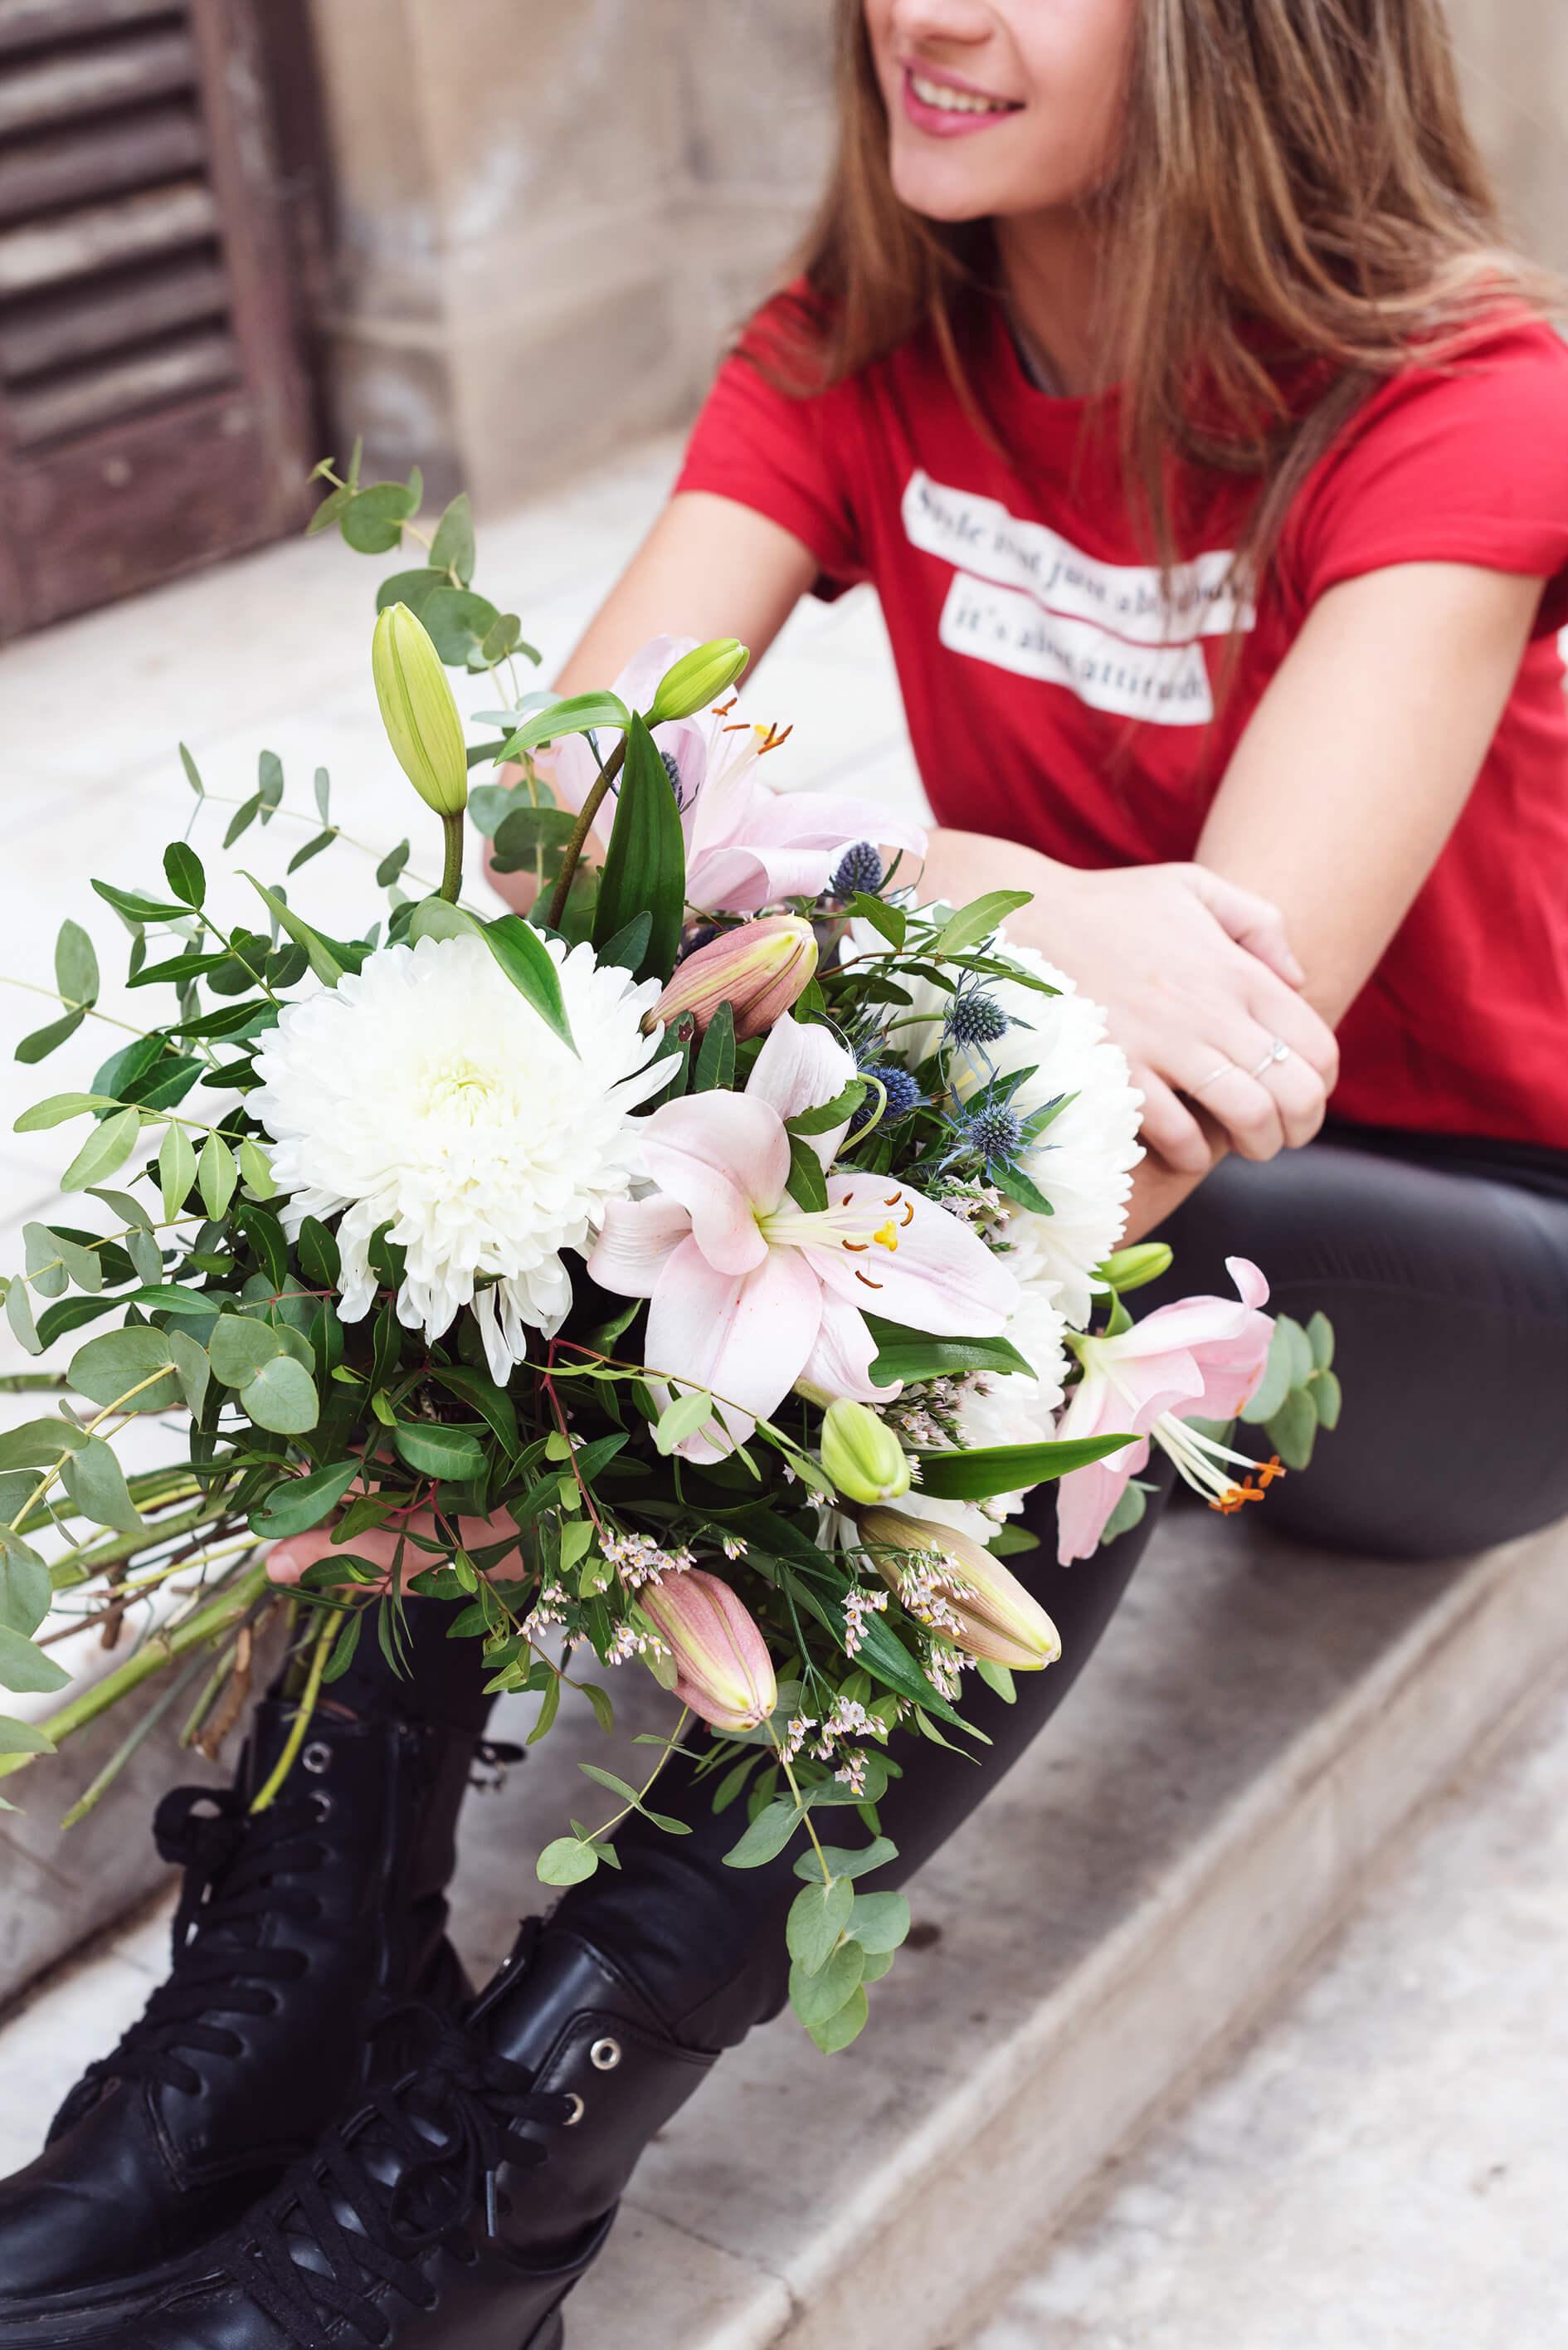 Intimate, ramo de lirios y crisantemos para san valentin